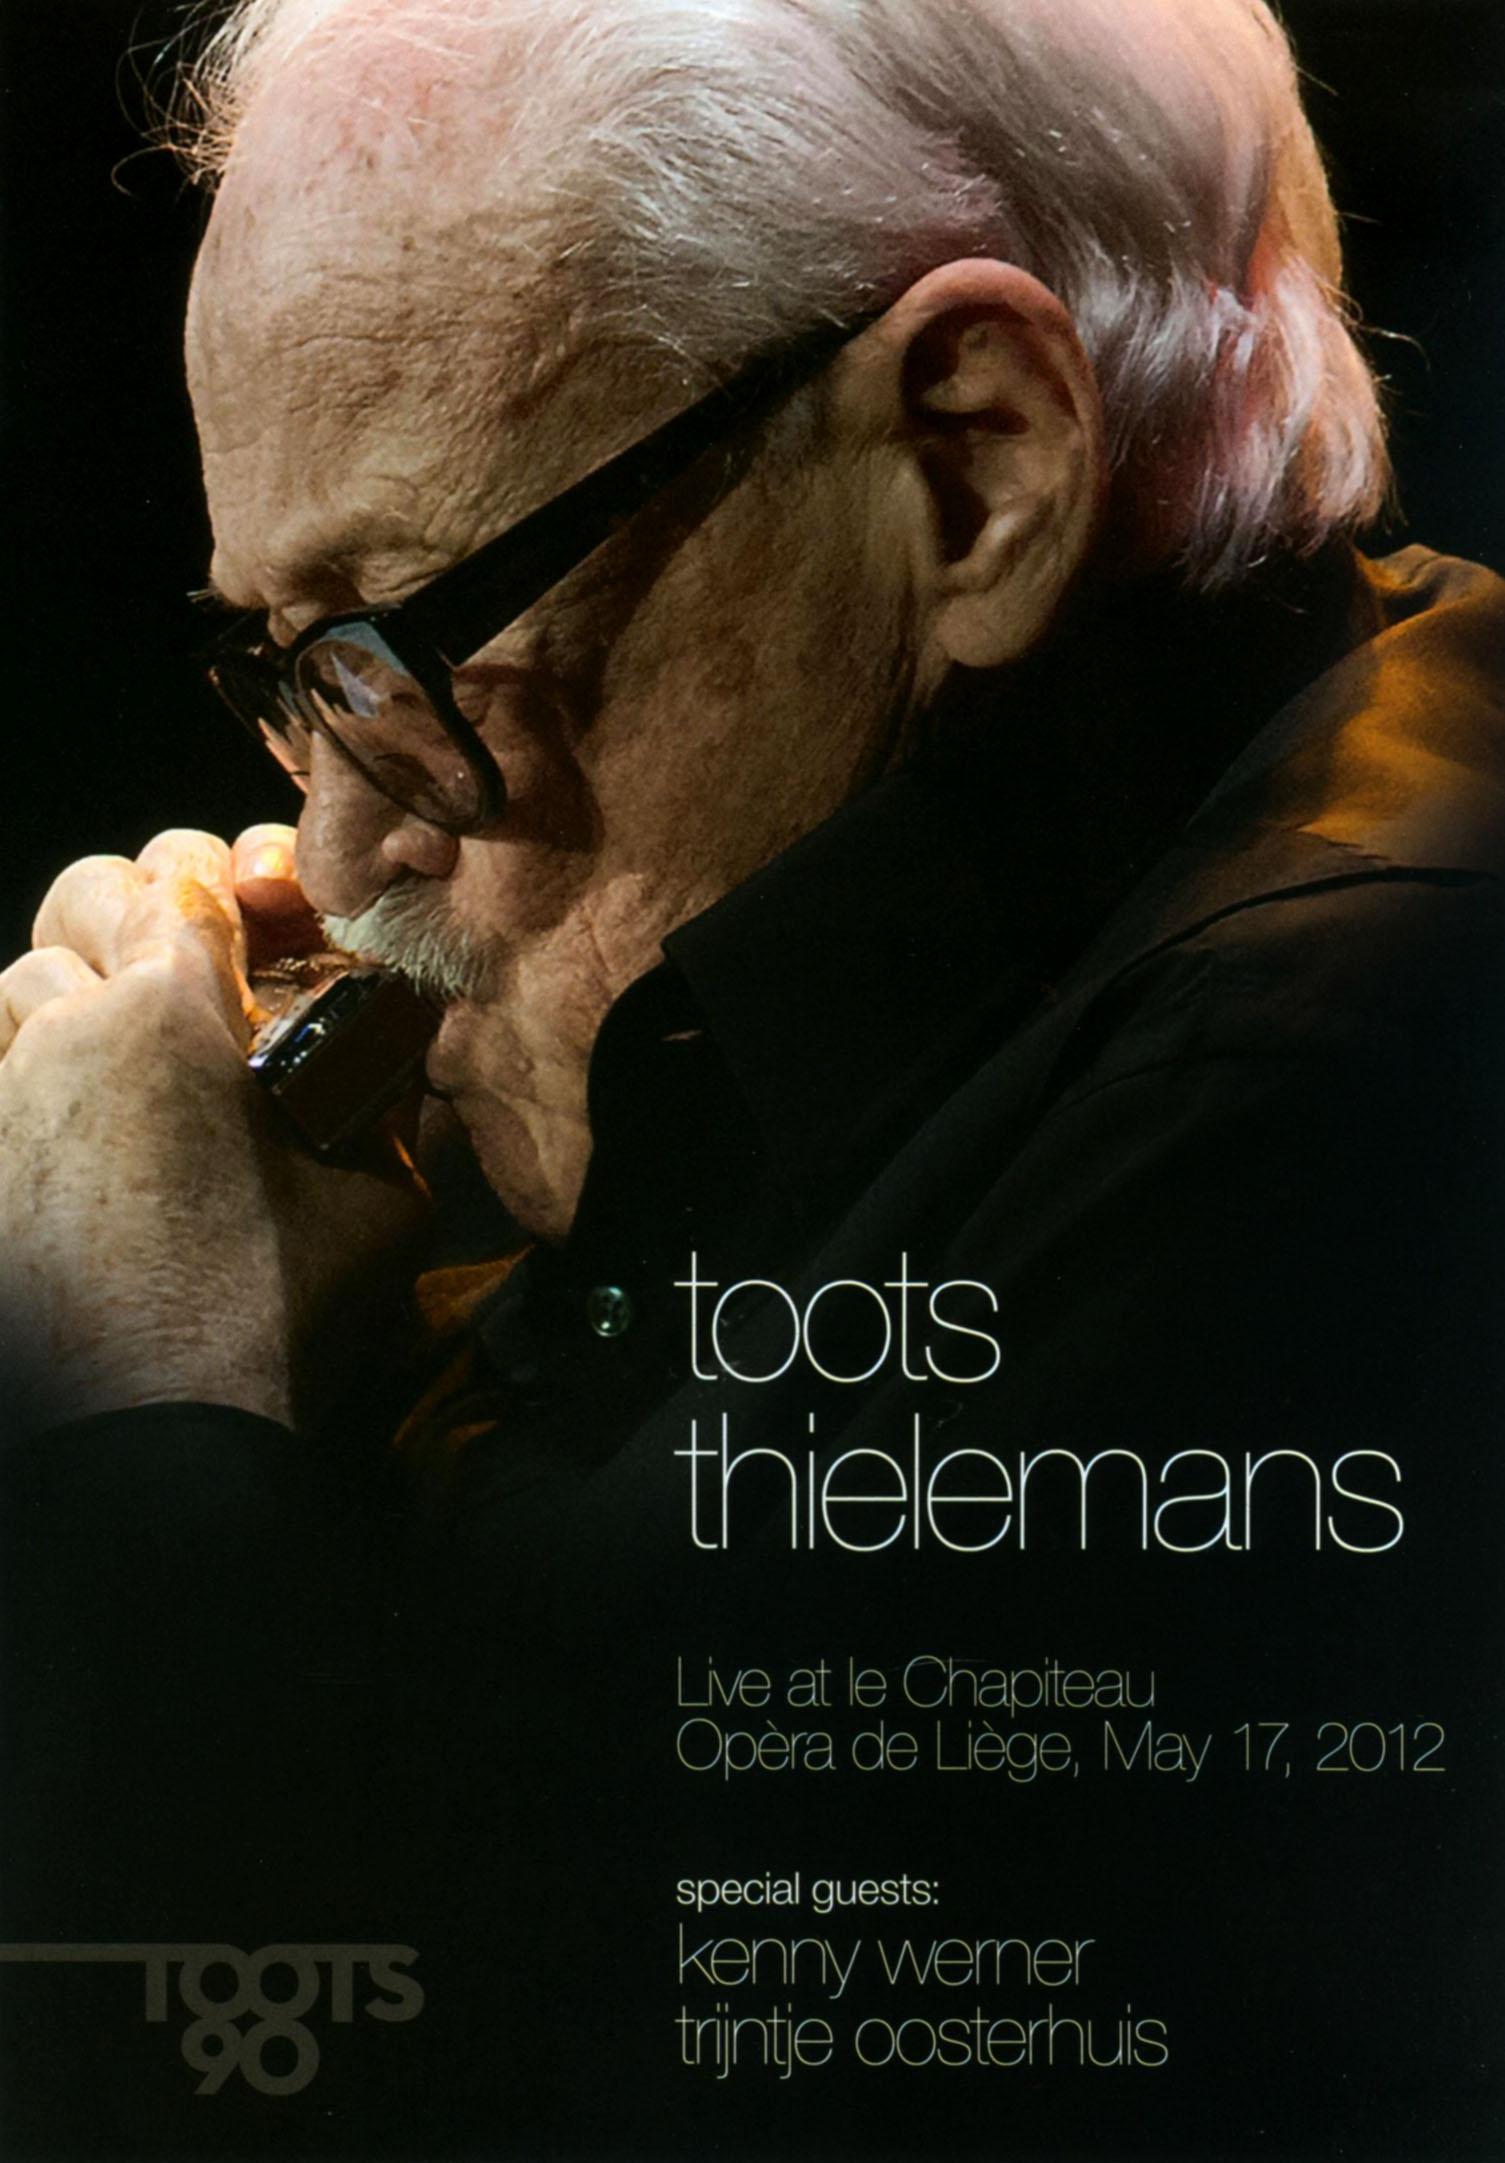 Toots Thielemans: Live at Le Chapiteau